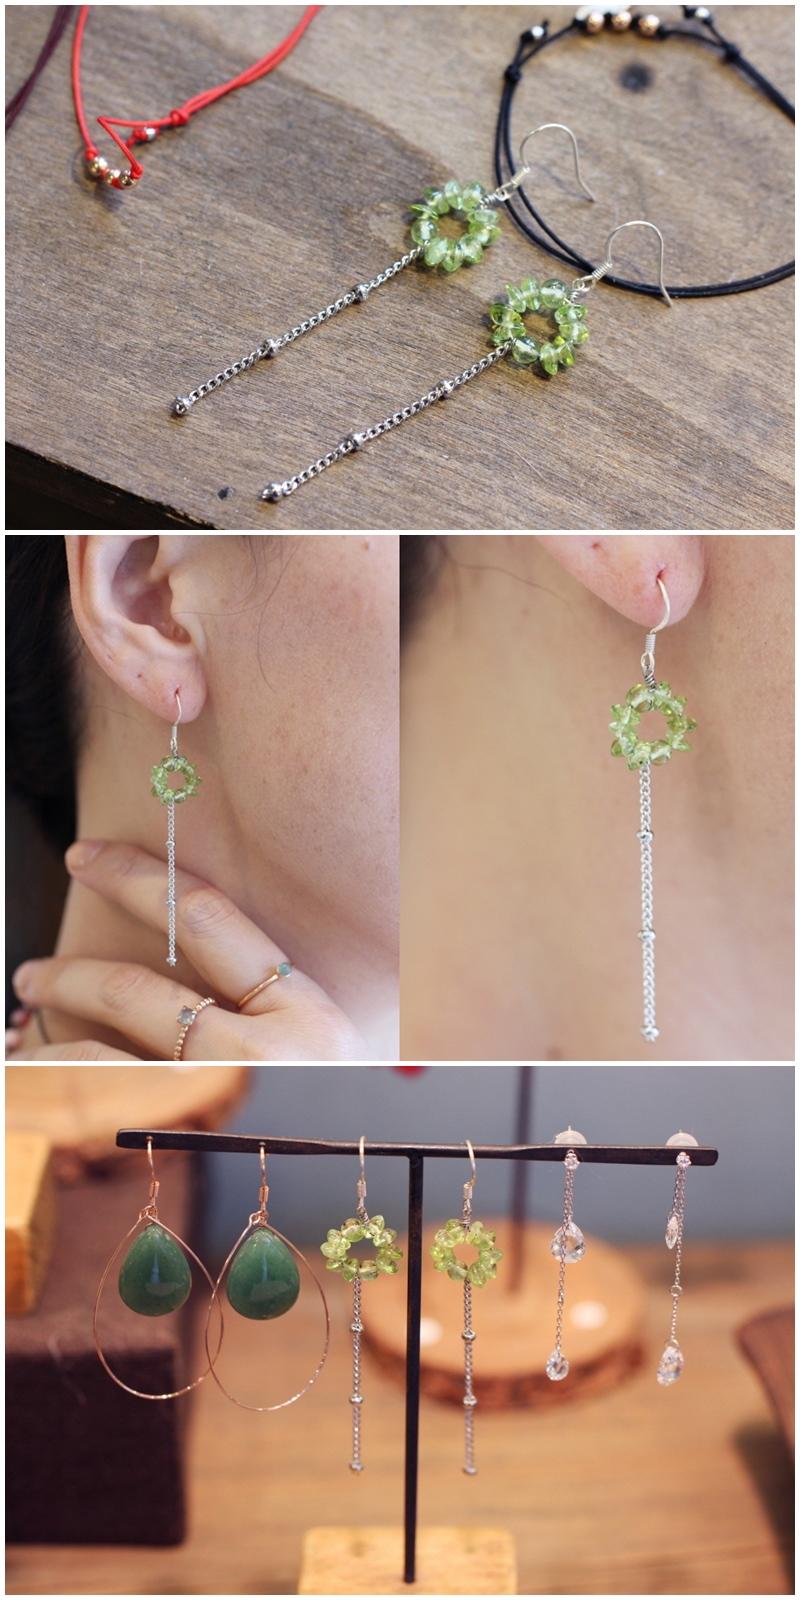 페리도트 체인장식 귀걸이 - 은나무, 19,000원, 진주/원석, 드롭귀걸이